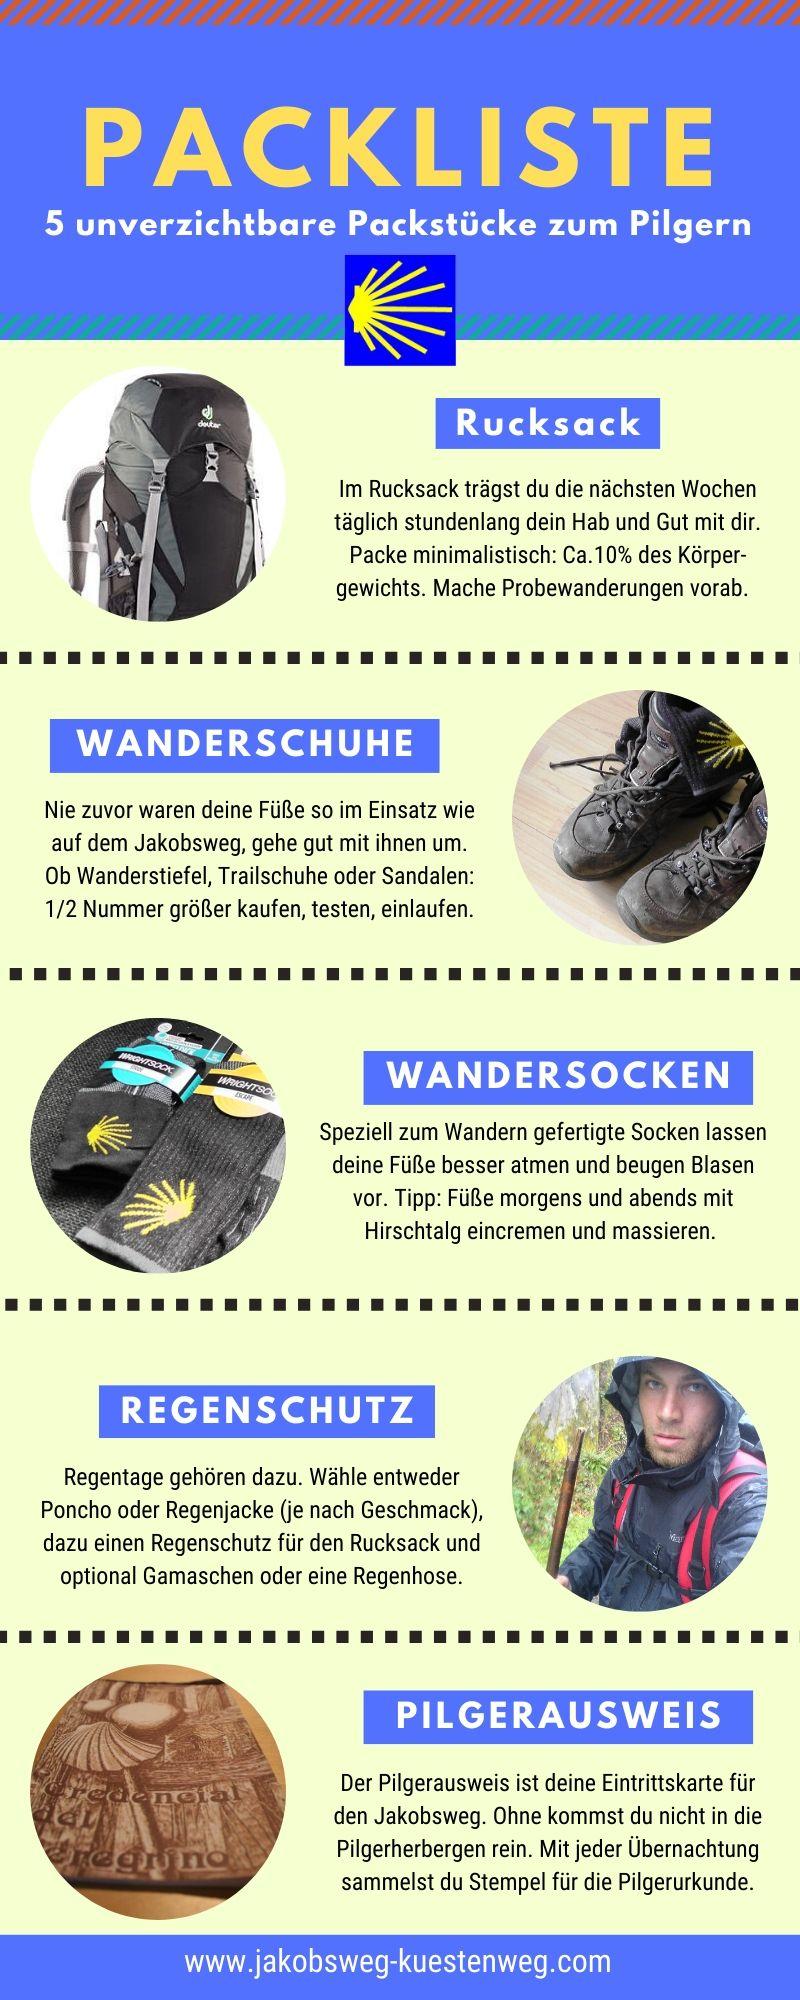 Packliste Jakobsweg Infografik